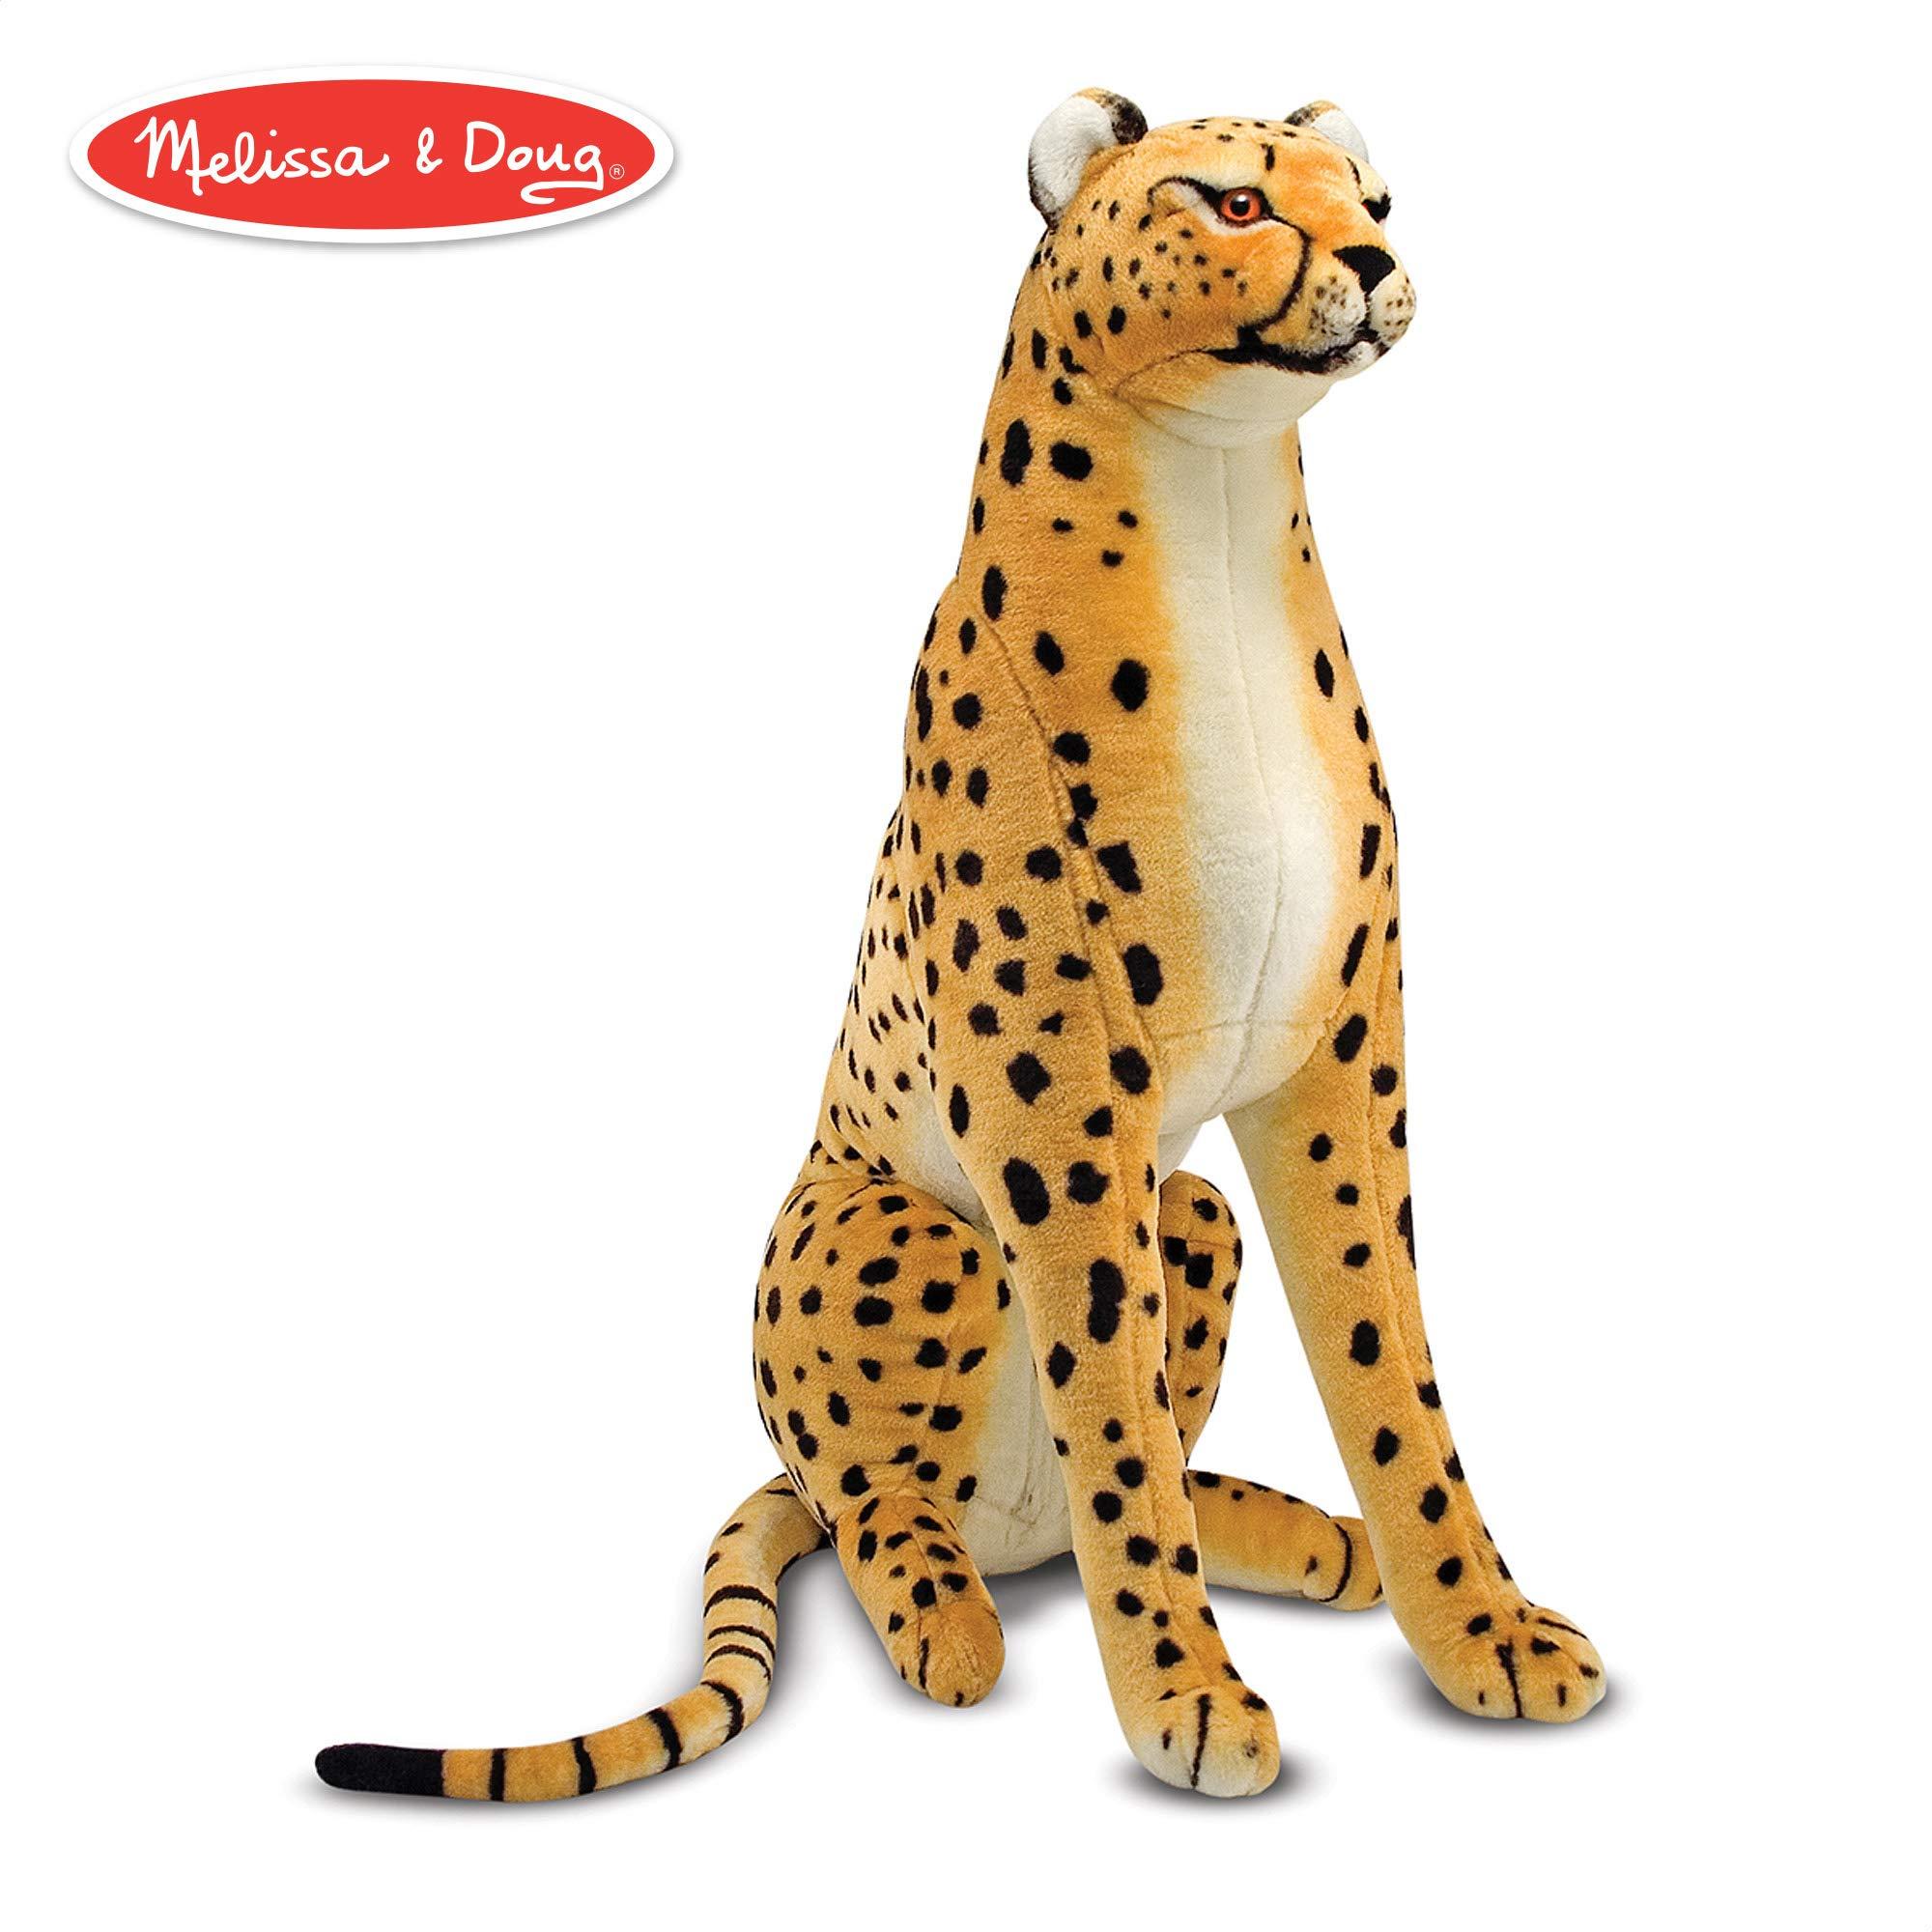 Melissa & Doug Giant Cheetah - Lifelike Stuffed Animal